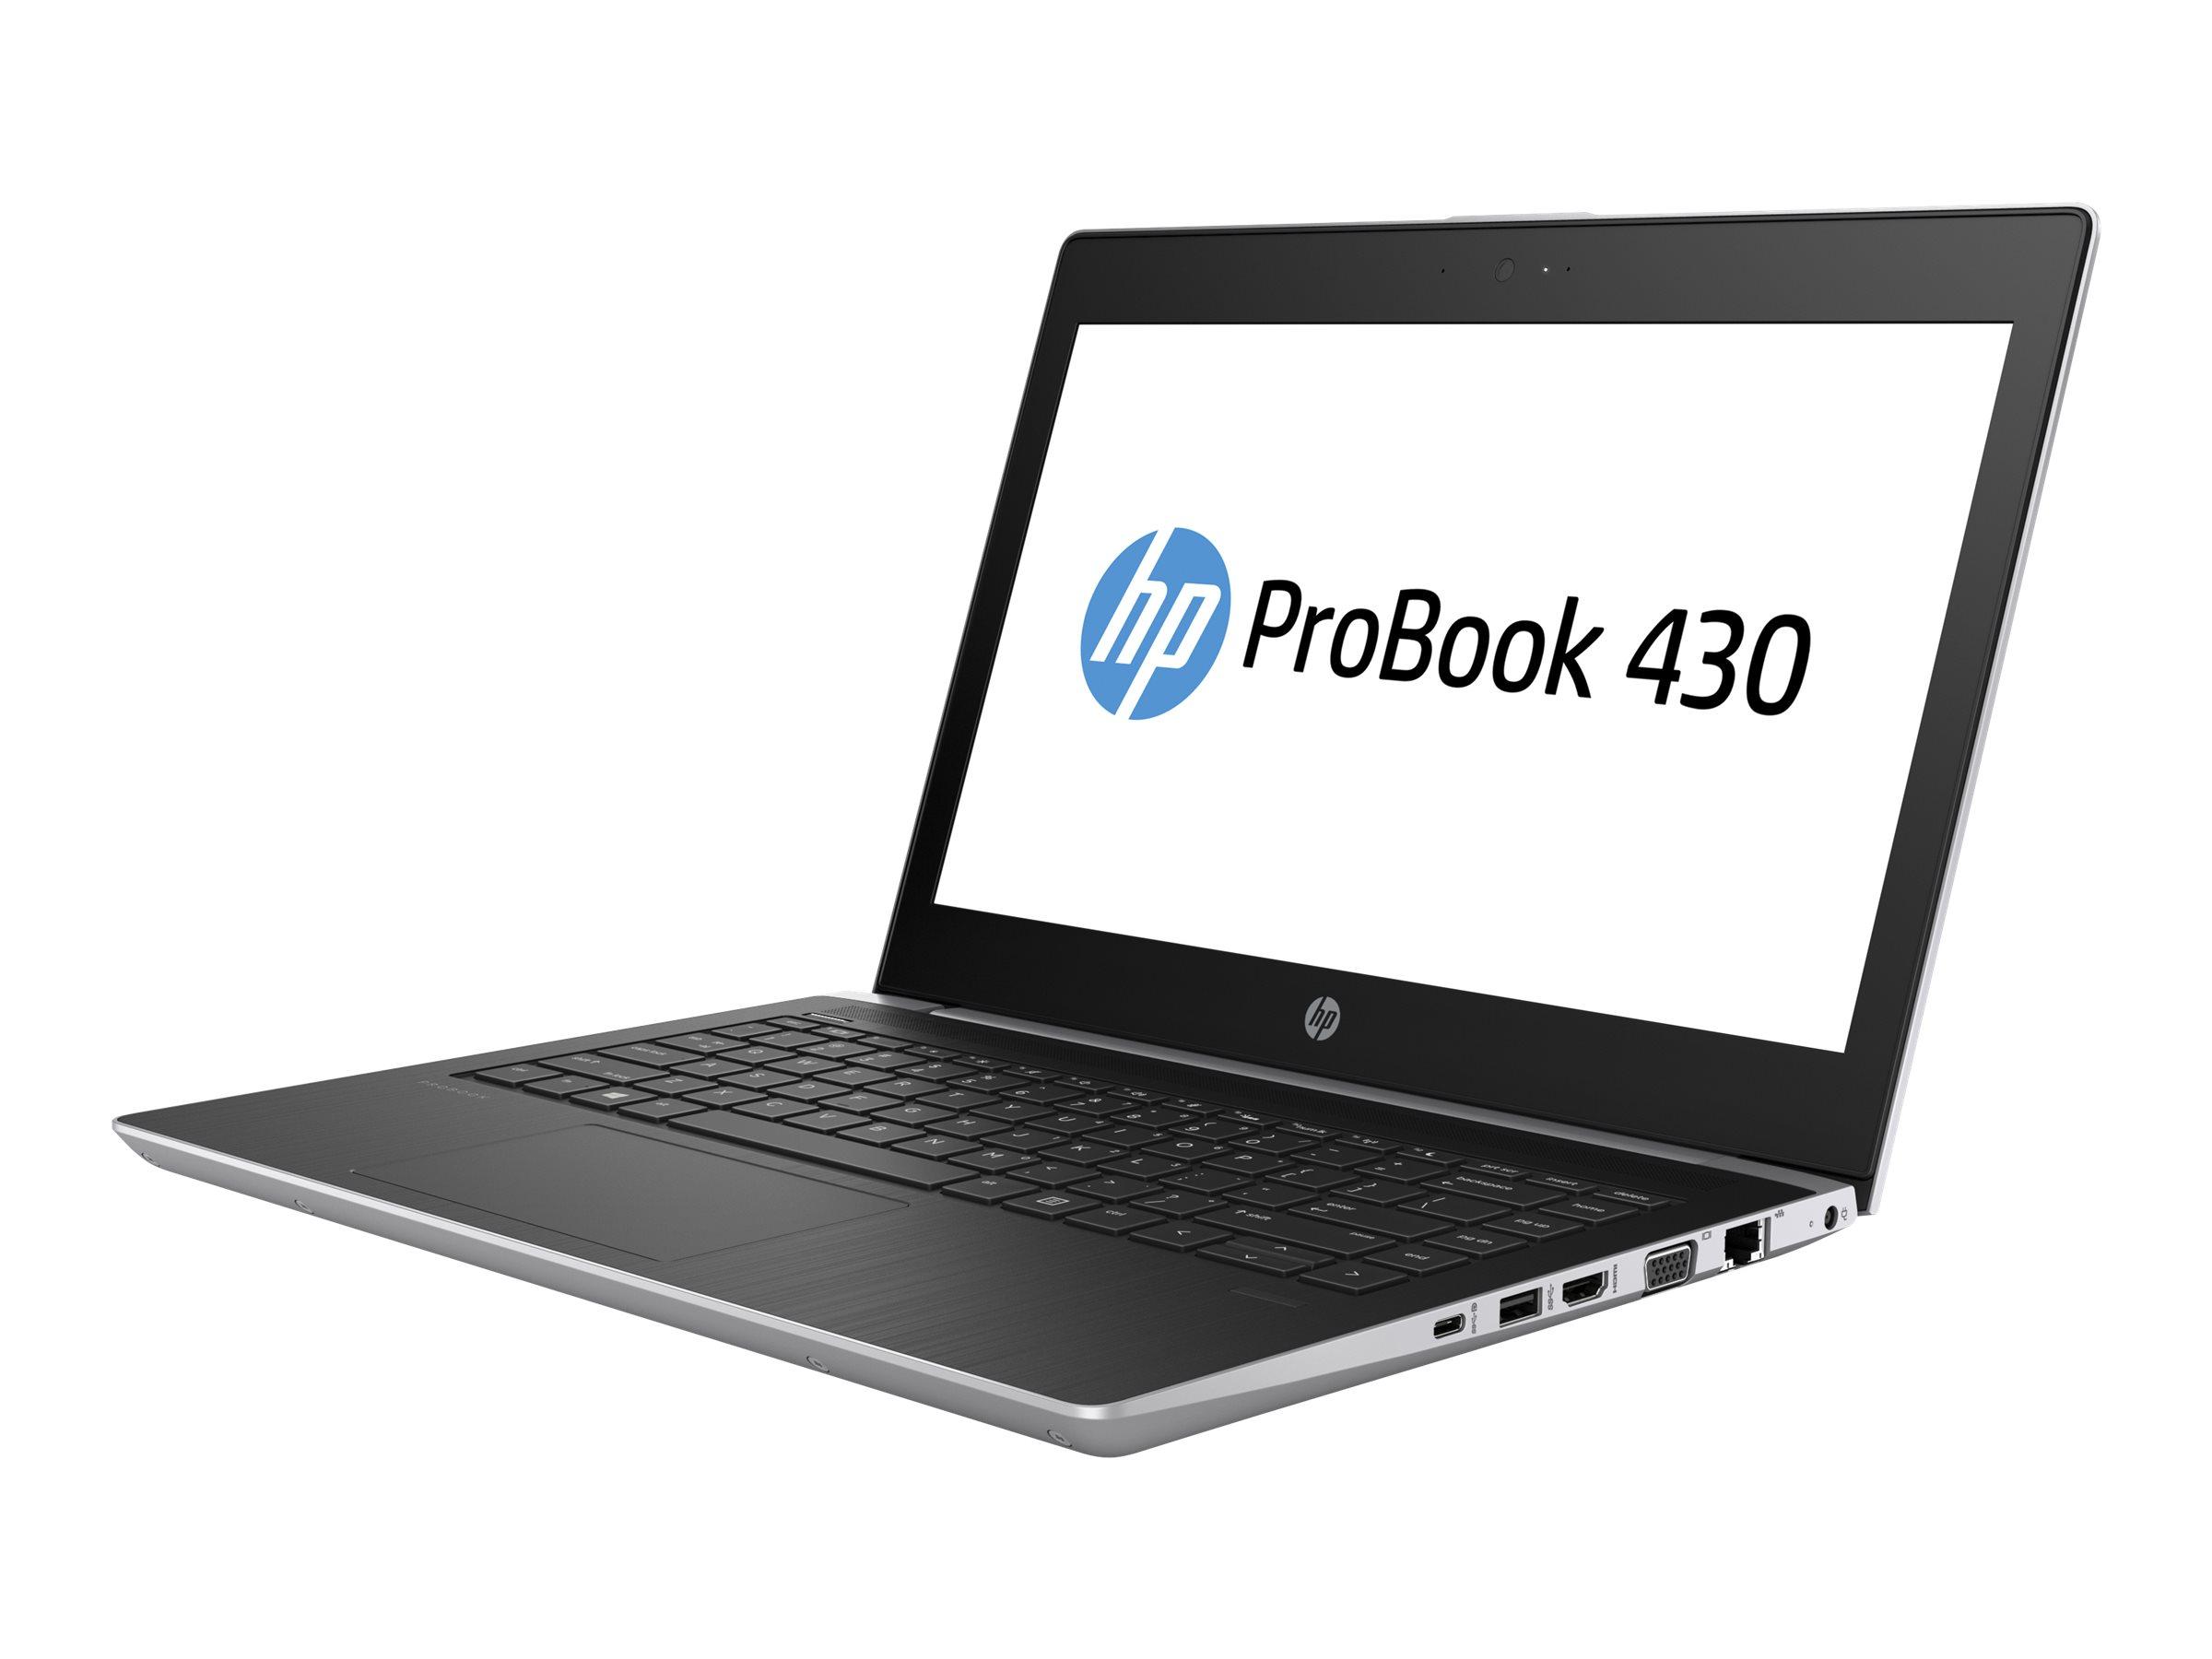 HP ProBook 430 G5 - Core i5 8250u 1.6 GHz - Win 10 Pro 64-Bit - 8 GB RAM - 256 - Notebook - Core i5 Mobile